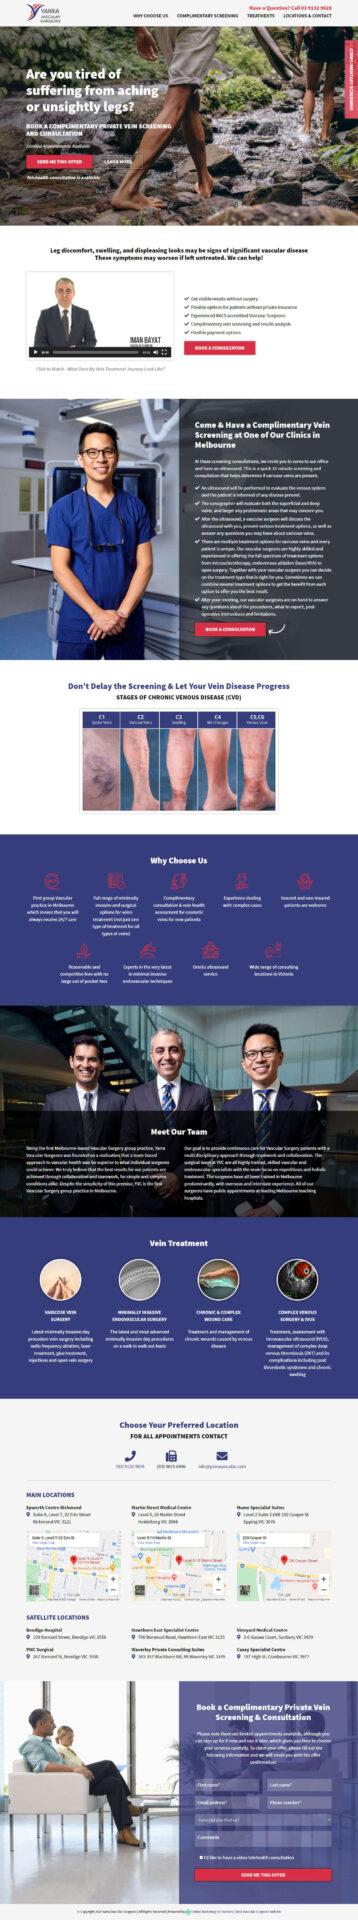 yarra vascular surgeons landing page